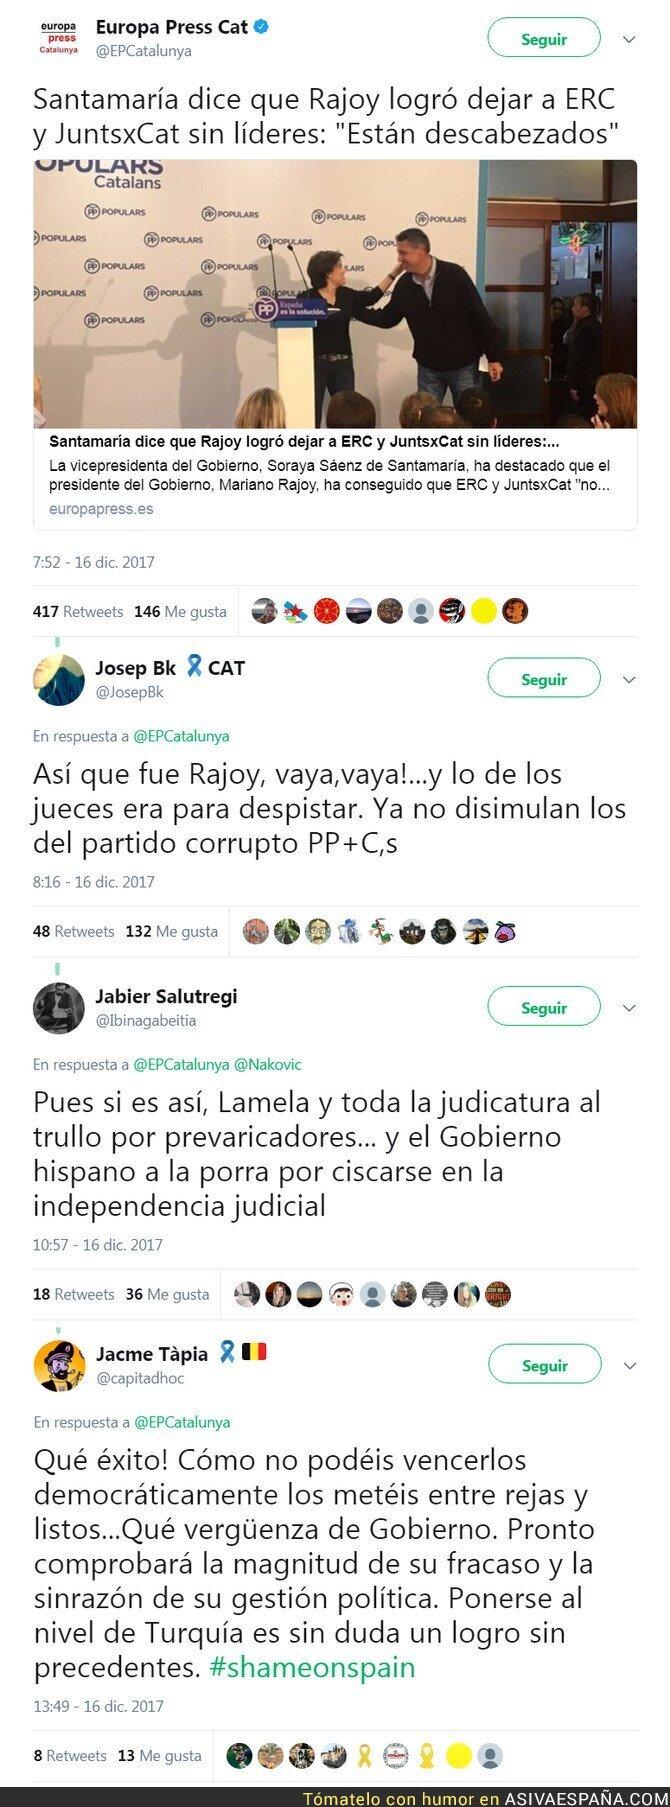 80232 - Santamaría deja claro que fue el PP y Rajoy quienes se encargaron de dejar sin líderes a Erc y JuntxCat